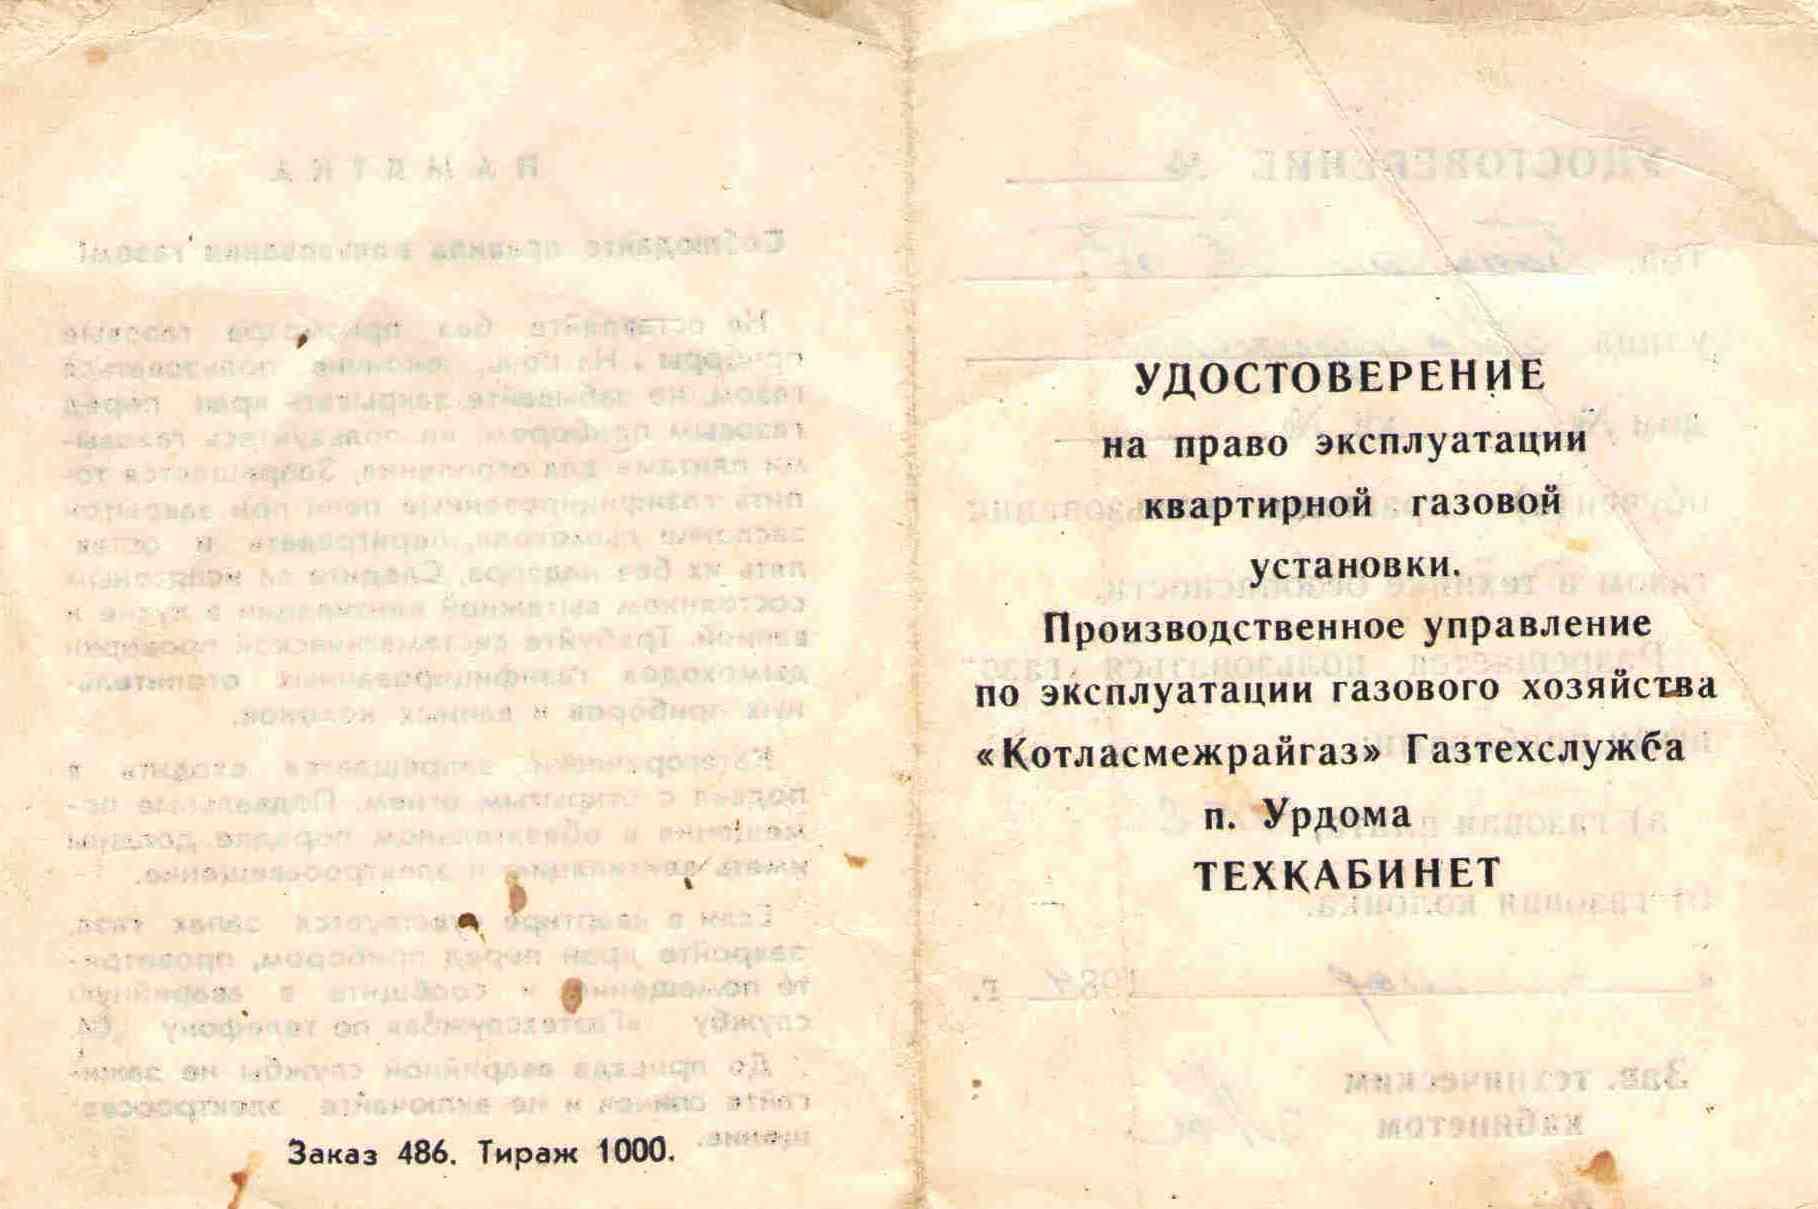 103. Удостоверение на эксплуатацию, газовой плитой, Барыкин ПП, 1984